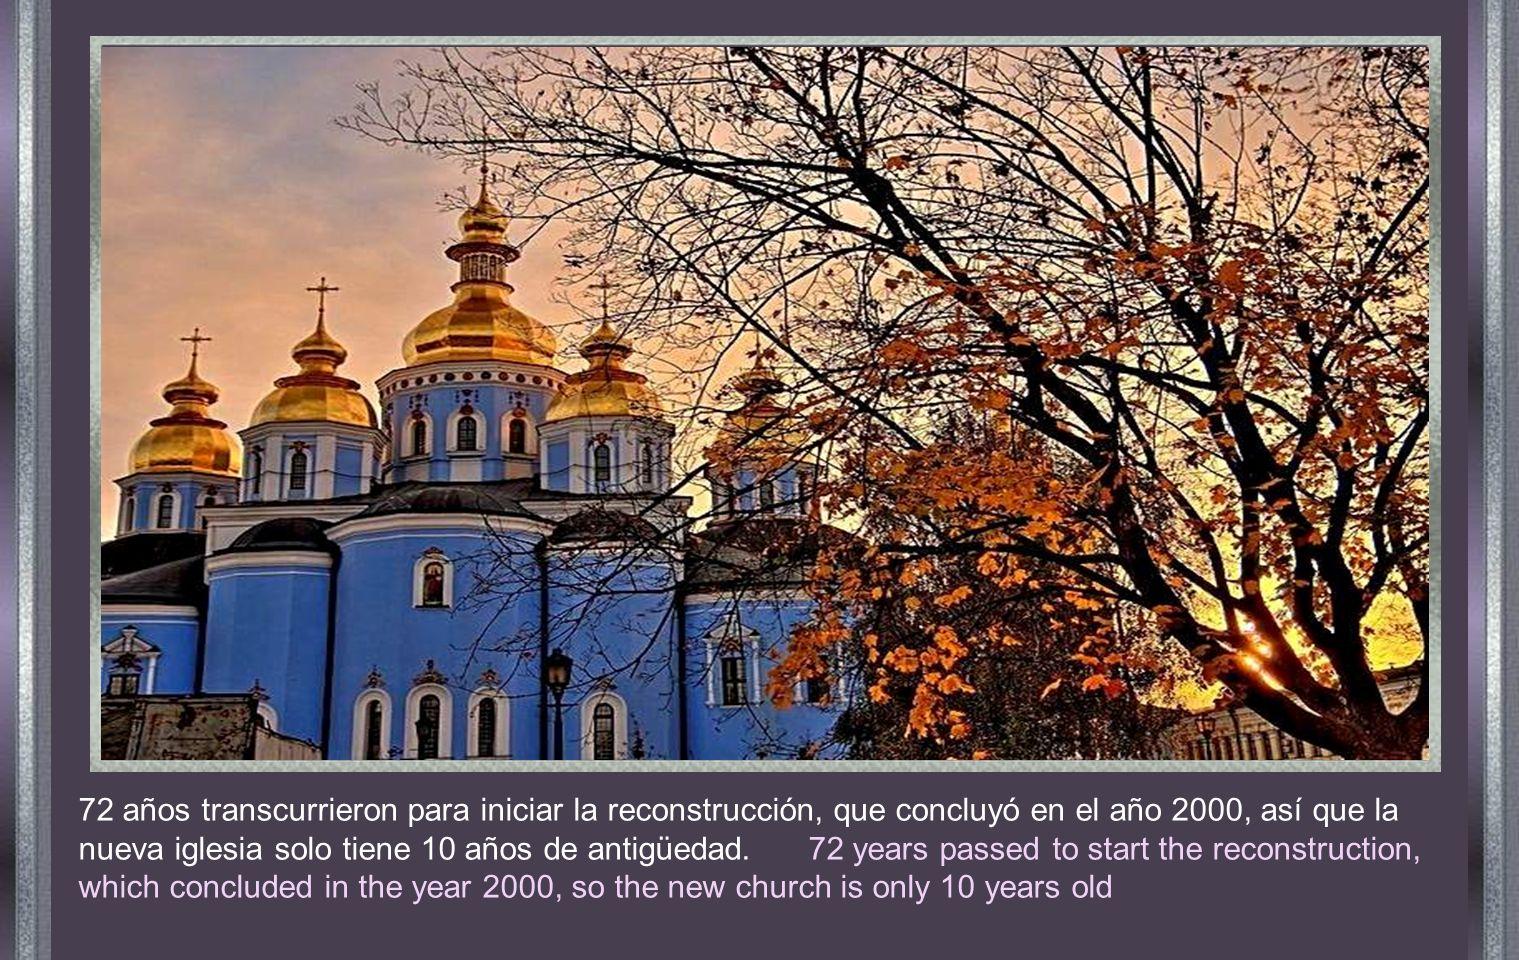 KIEV RUSIA - Catedral de San Michel KIEV RUSSIA - Cathedral of San Michel 1919 fue el año mas dramático.